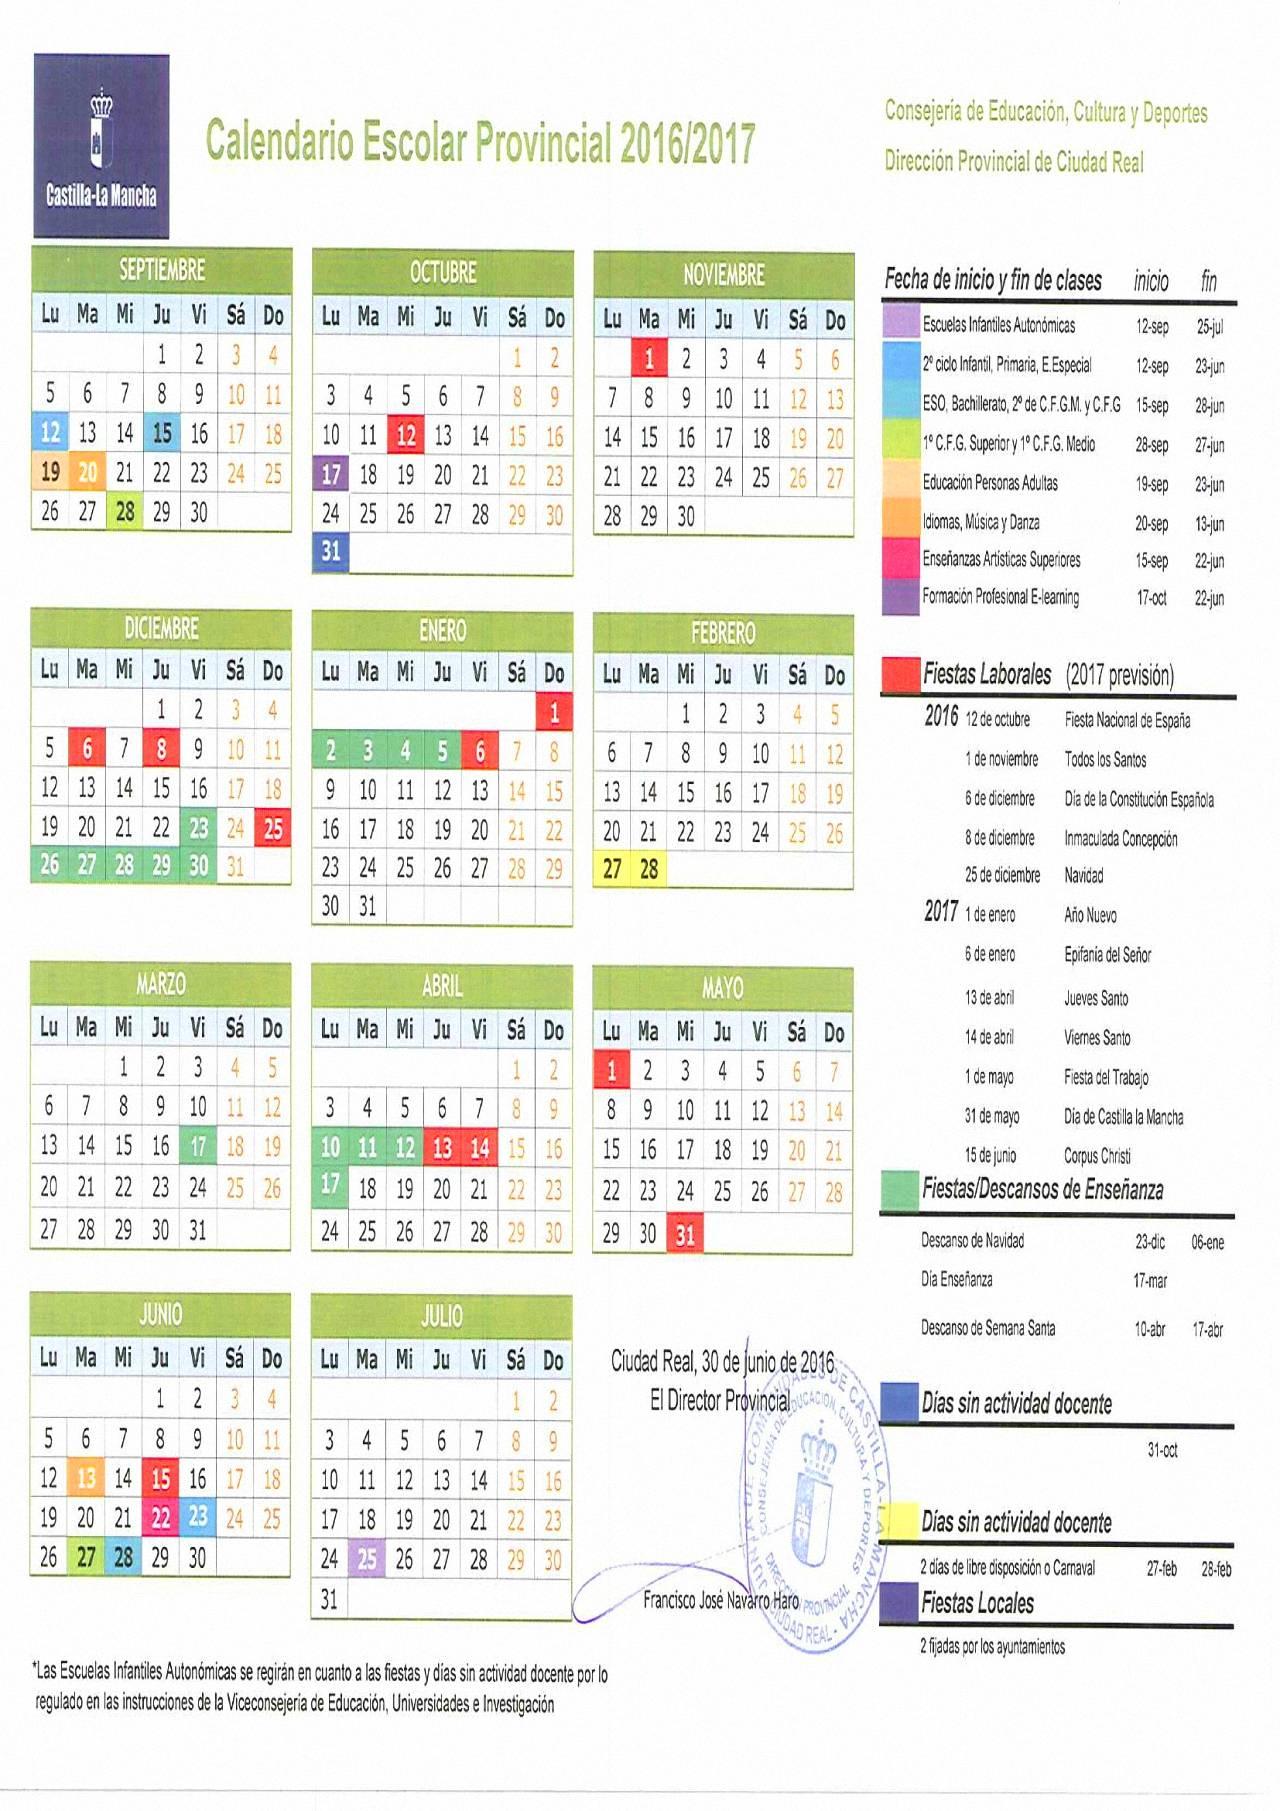 Calendario Laboral 2019 Ciudad Real.Calendario Escolar Para El Curso Academico 2016 2017 En La Provincia